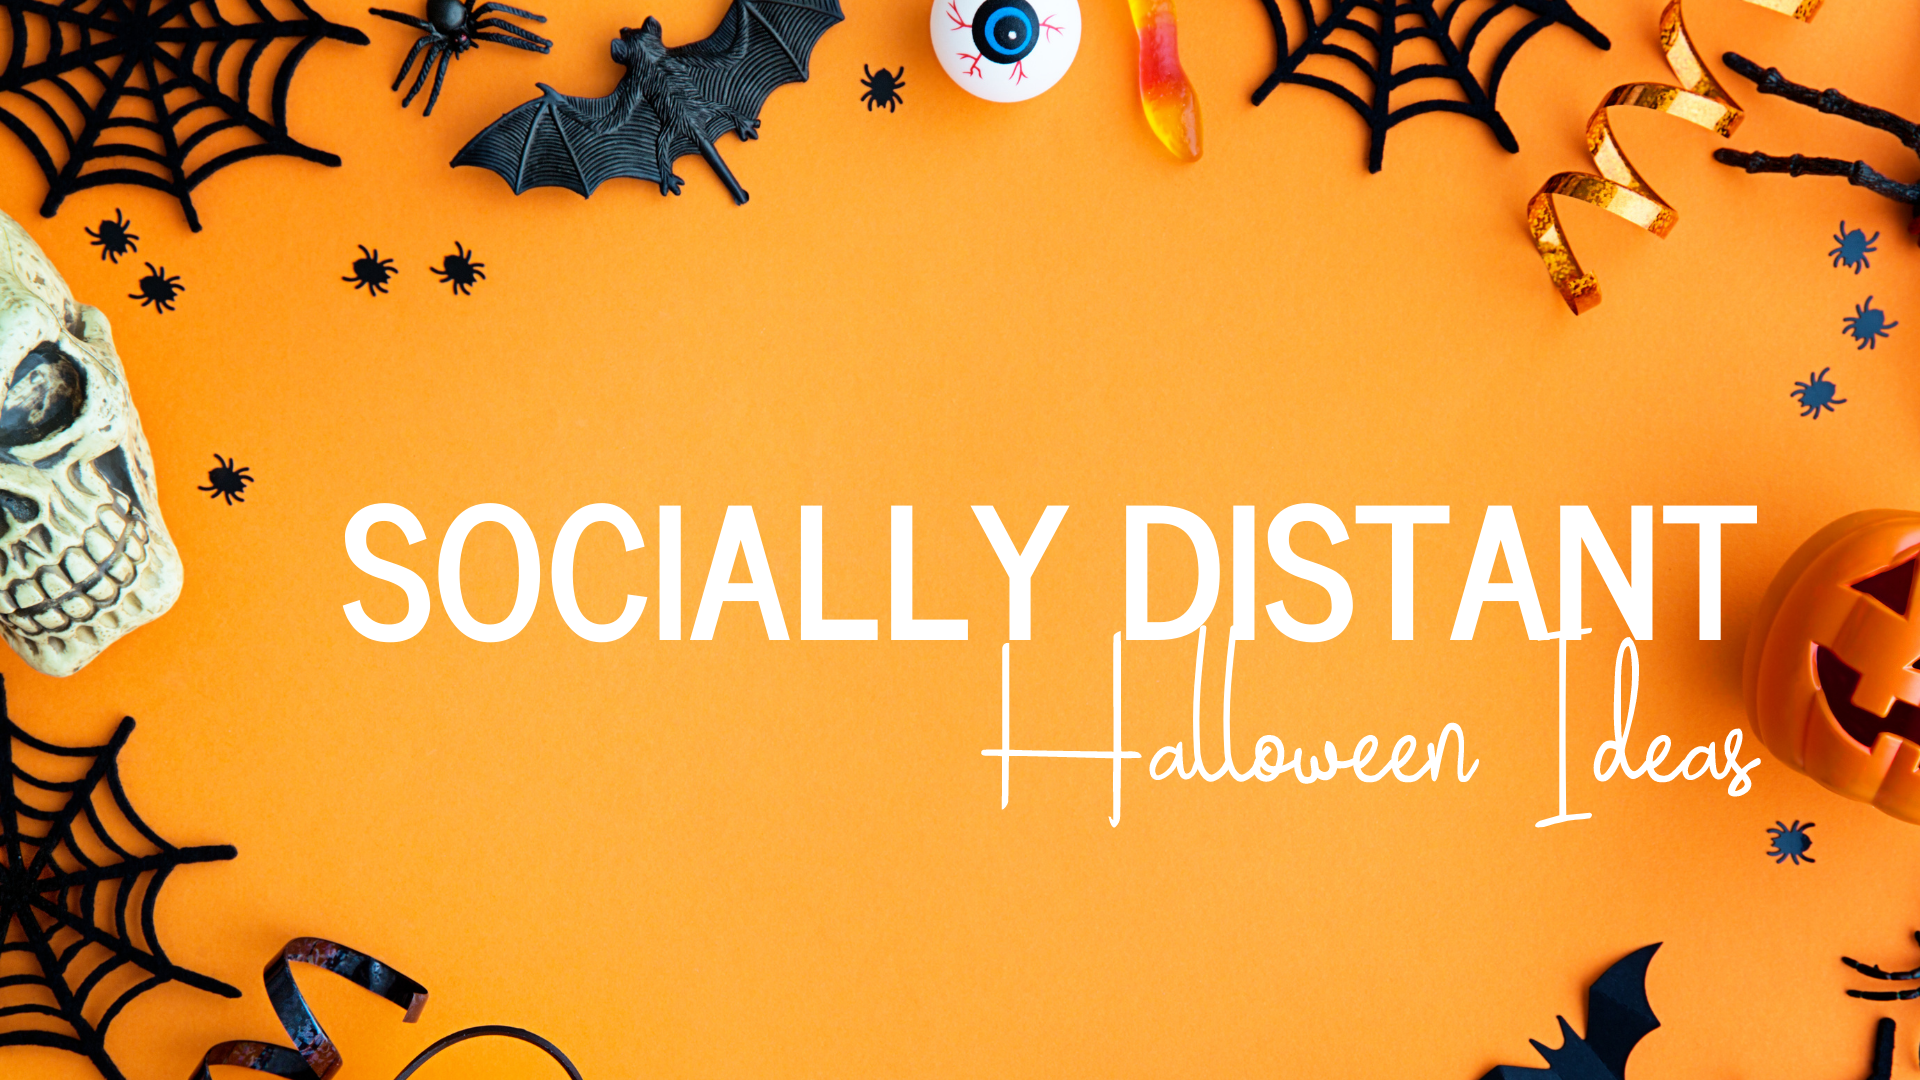 Socailly distant halloween ideas